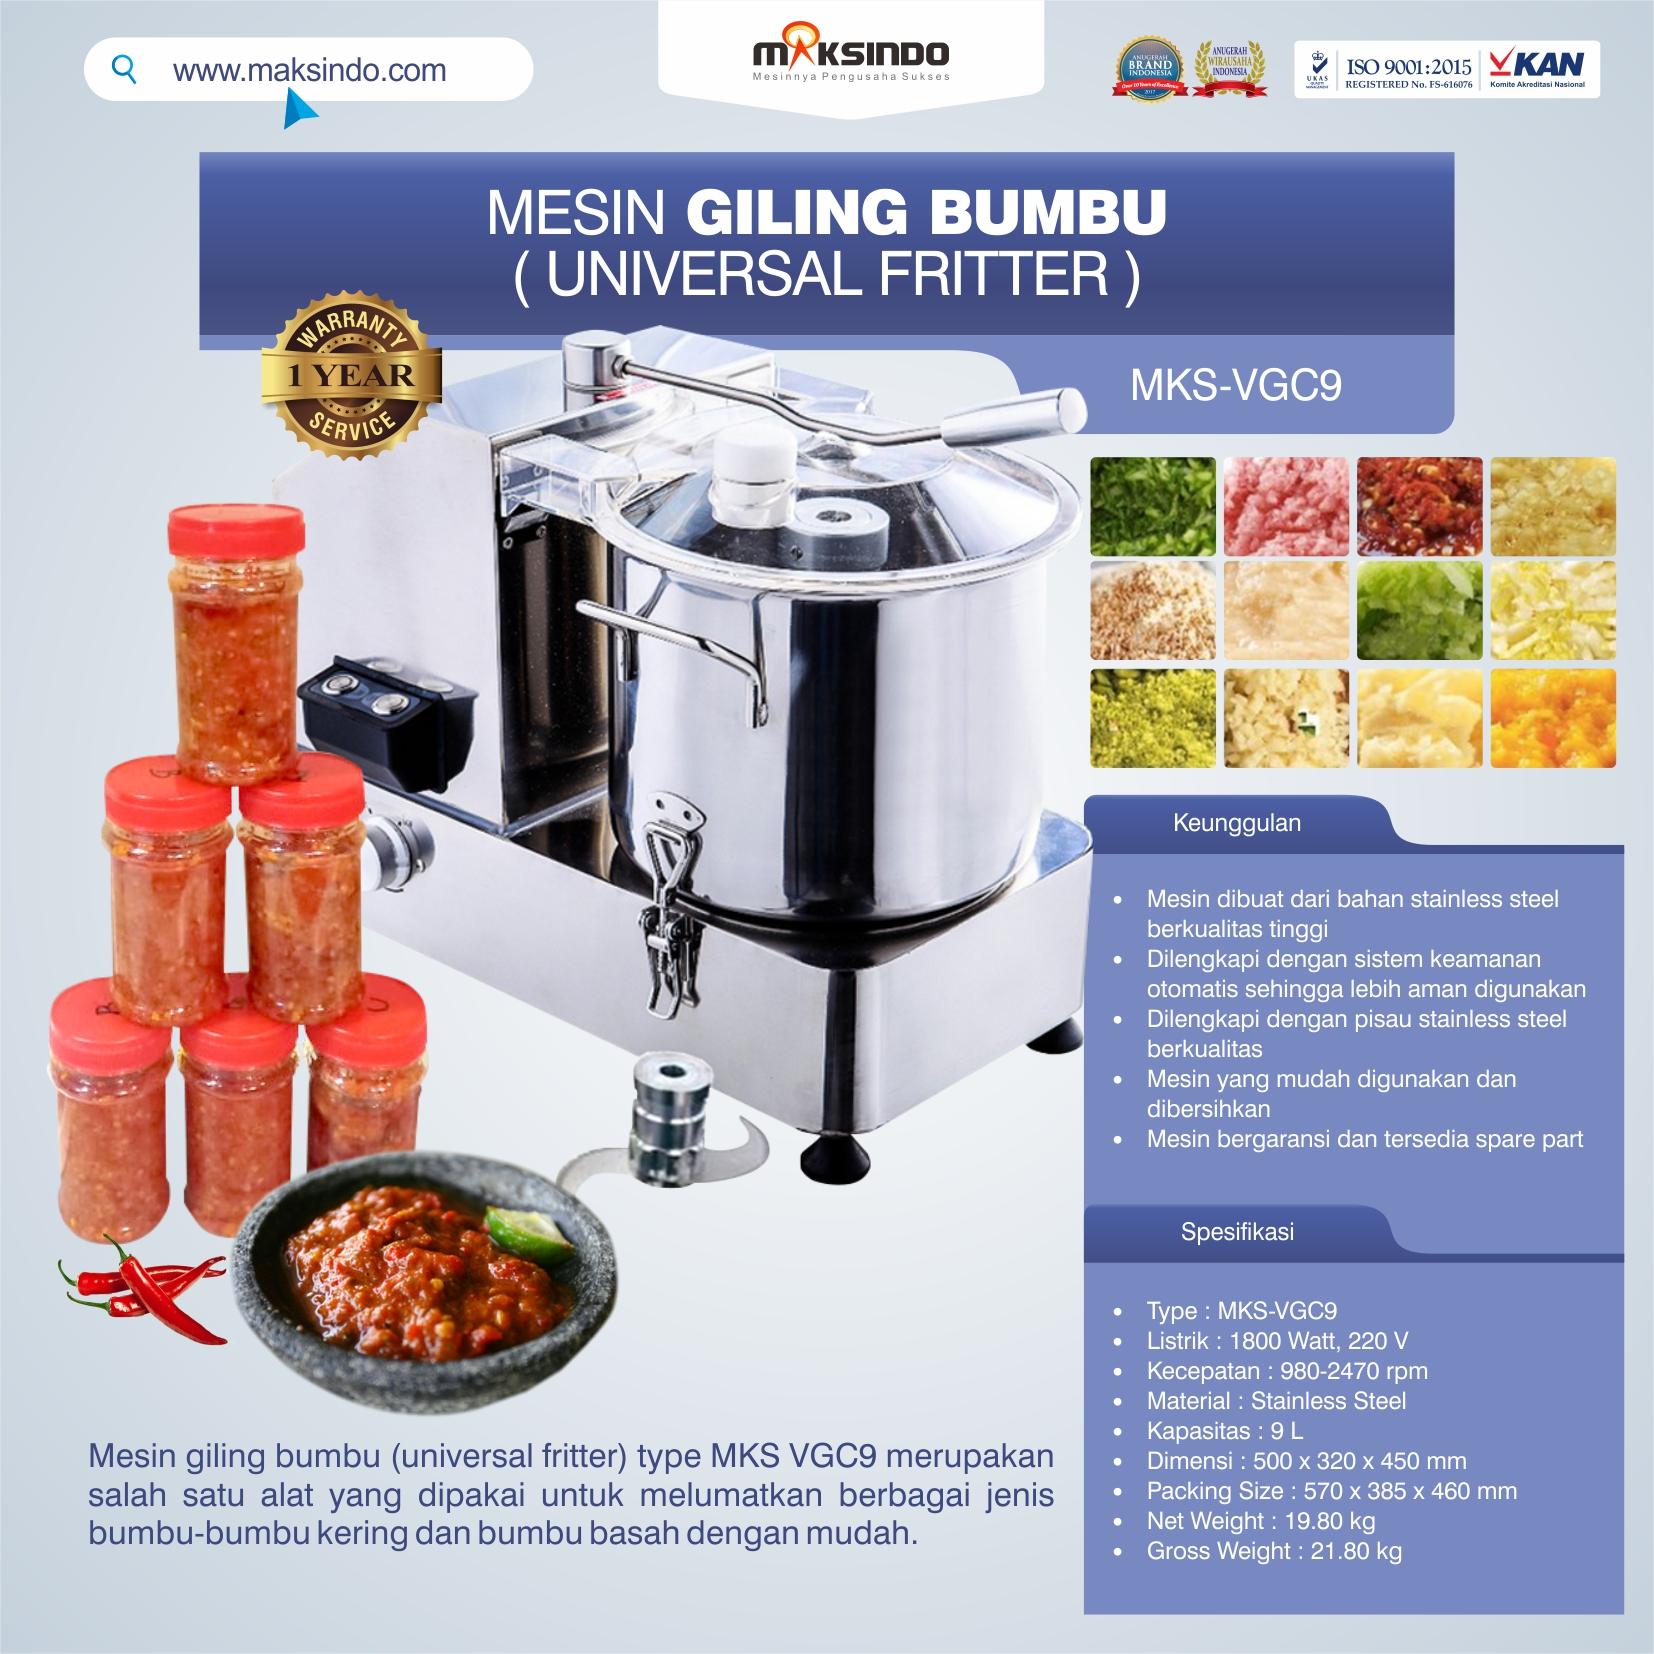 Jual Mesin Giling Bumbu (Universal Fritter) MKS VGC9 di Medan